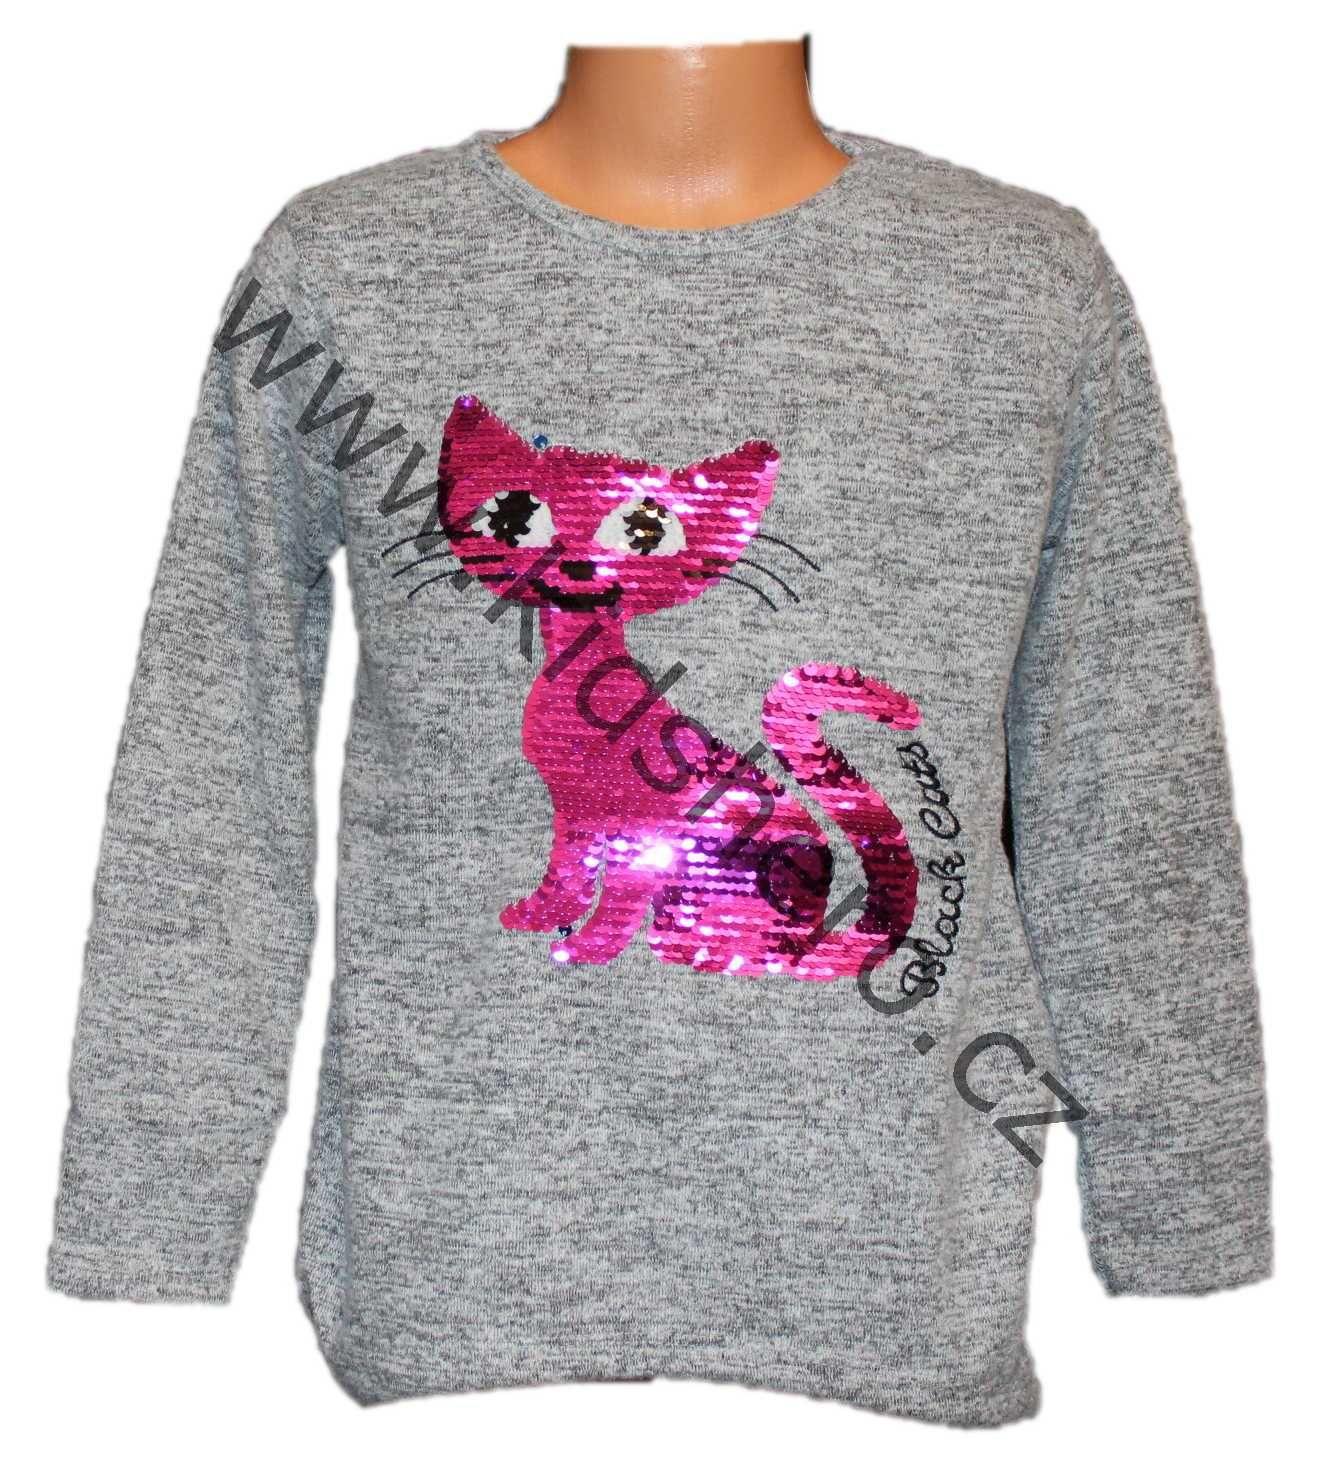 měnící mikina, měnící svetr, měnící tunika, měnící triko, přeměňovací mikina, měnící obrázek, tričko s flitry